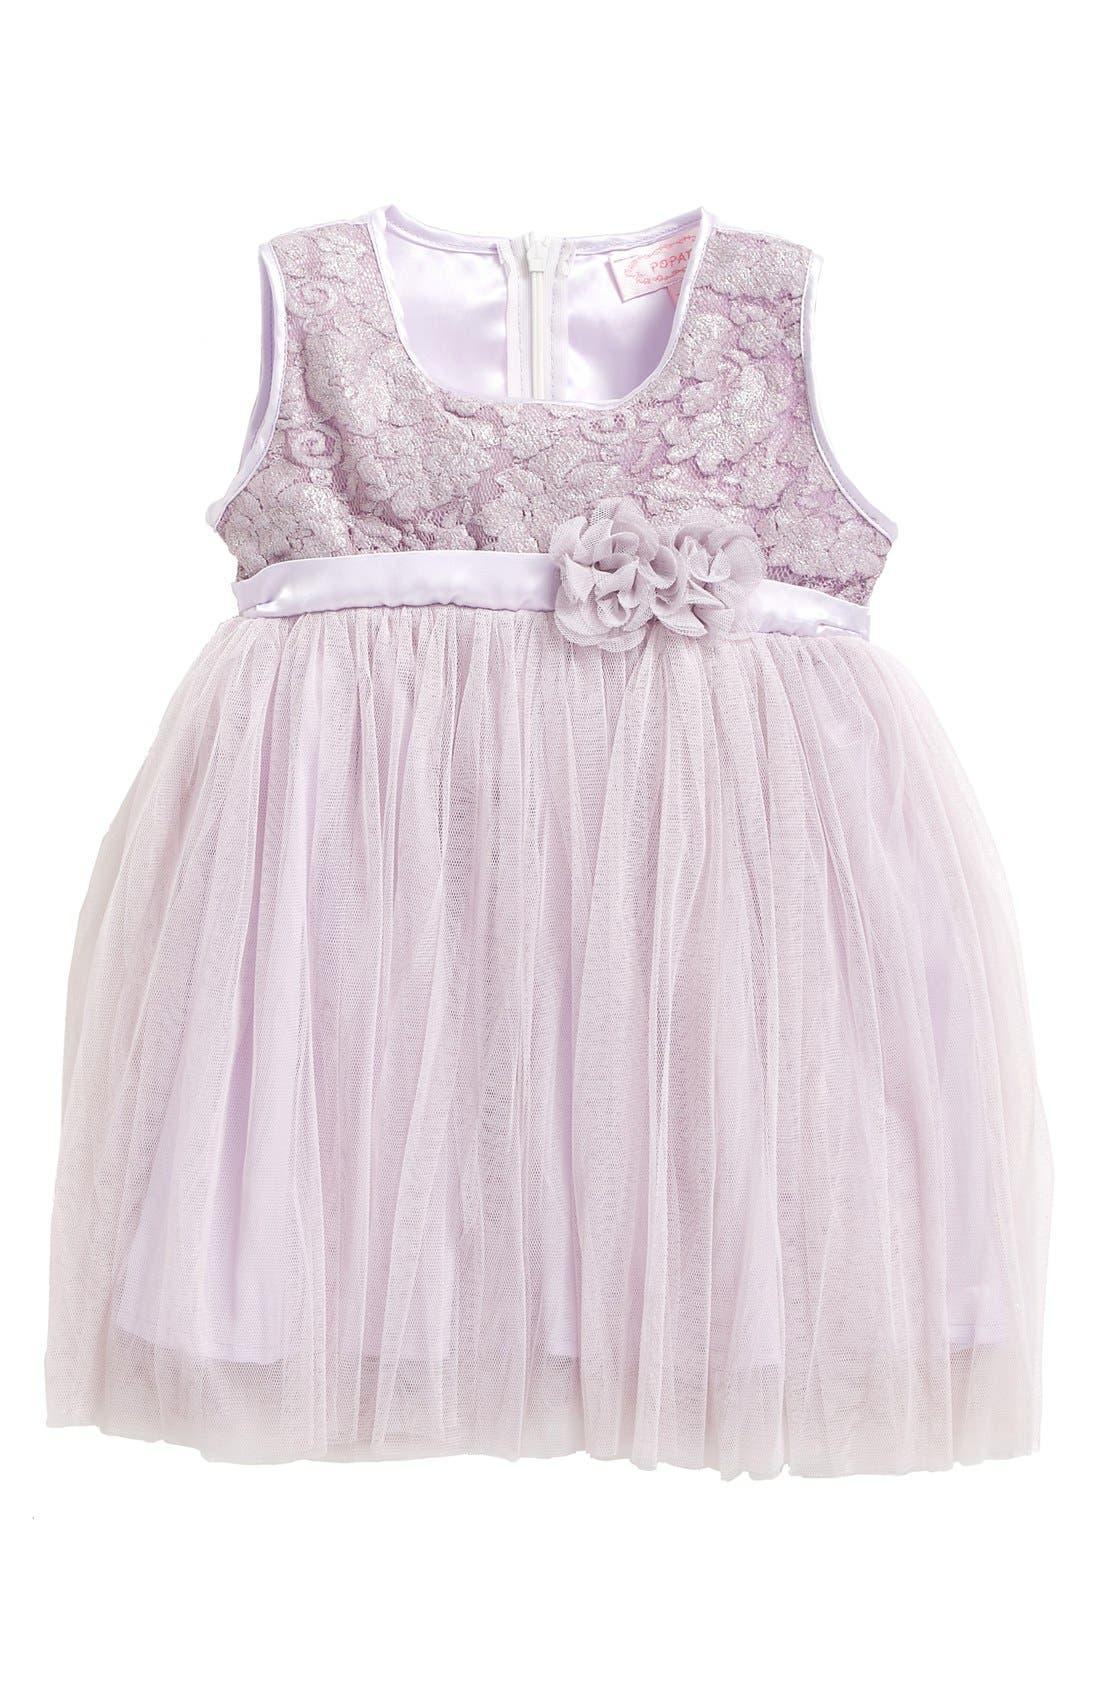 Empire Waist Lace Dress,                             Main thumbnail 1, color,                             530